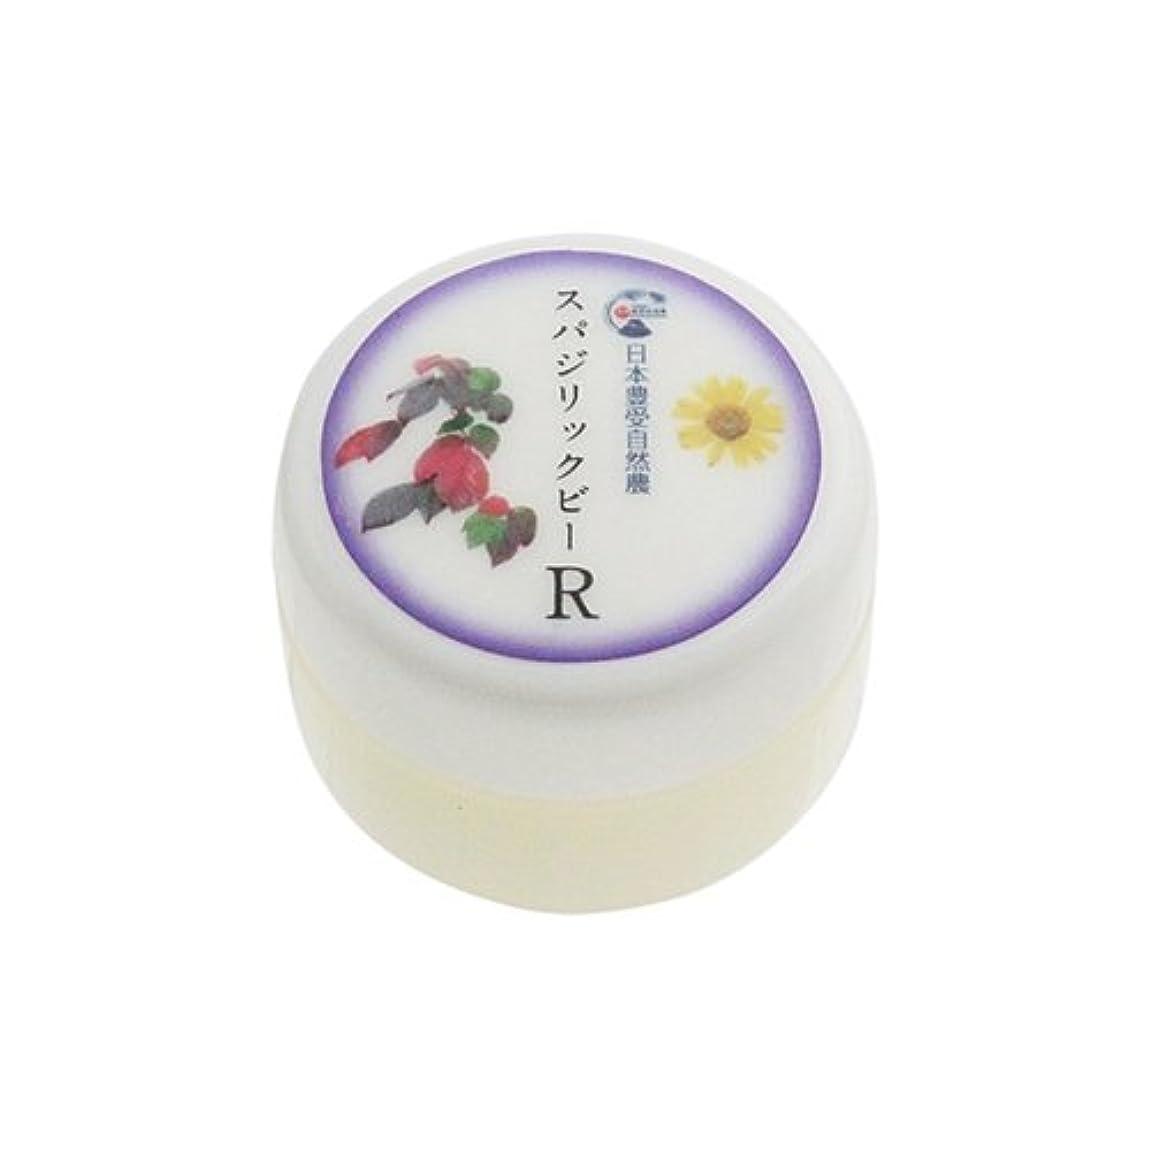 スカリー配列糞日本豊受自然農 スパジリック ビーR(小) 10g